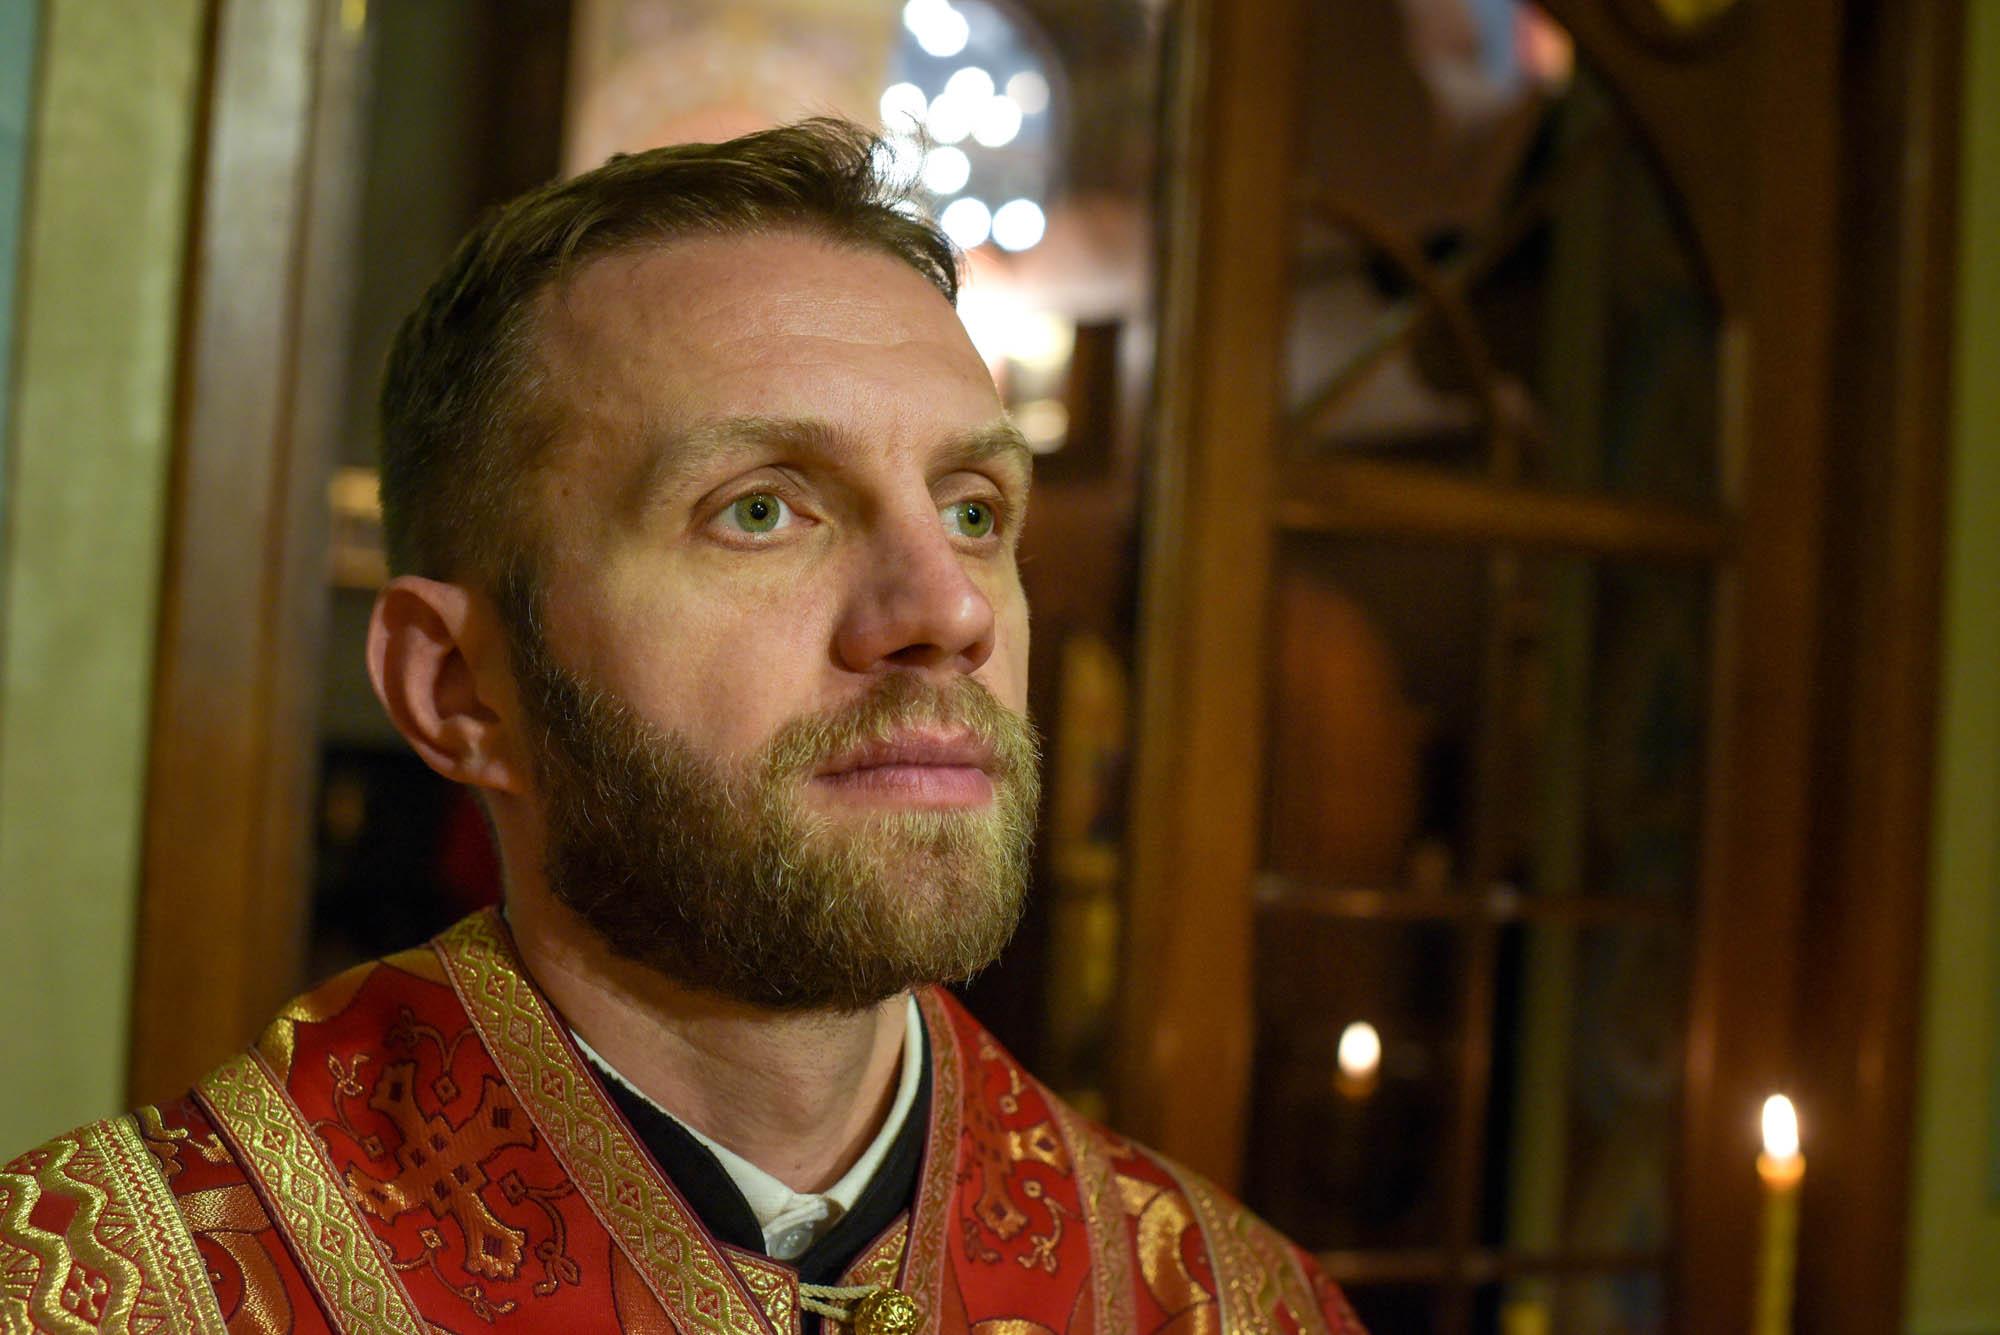 Orthodox photography Sergey Ryzhkov 9604